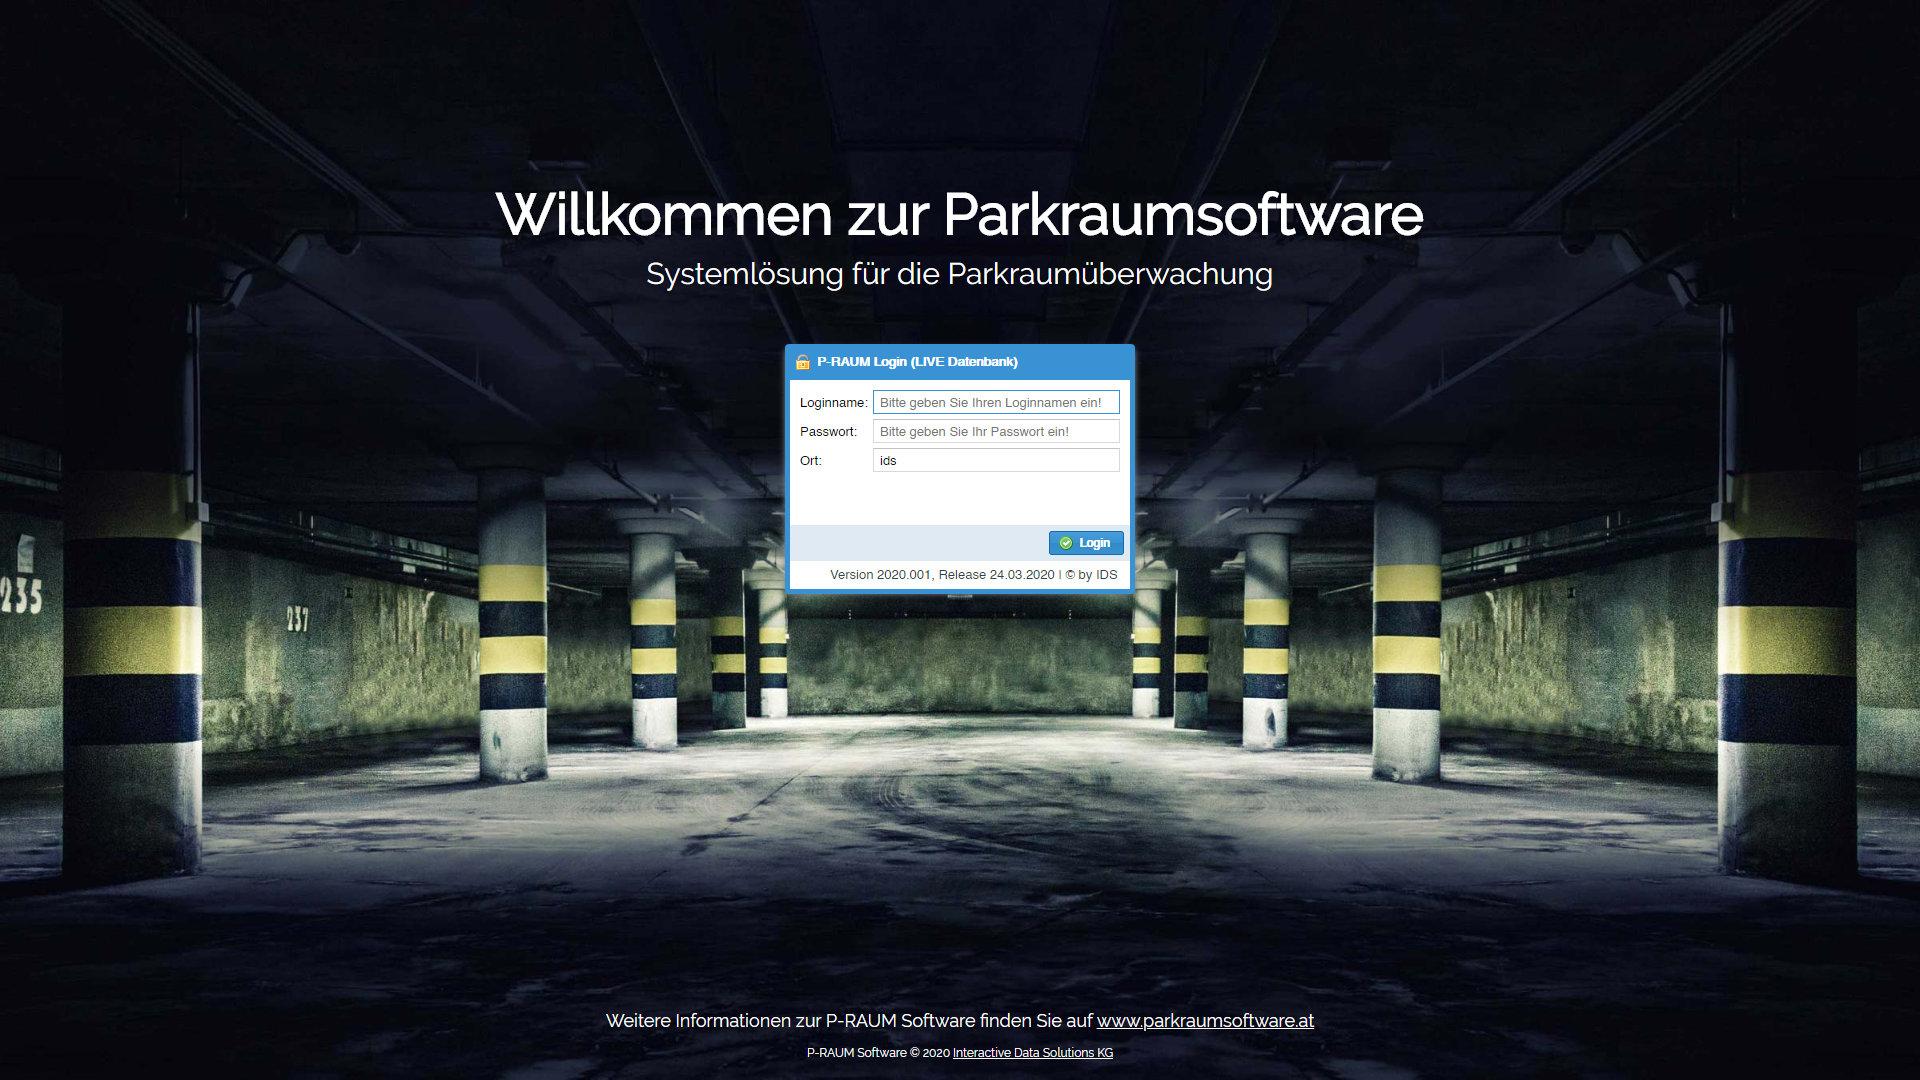 Parkraumsoftware Wilkommen zur Parkraumsoftware